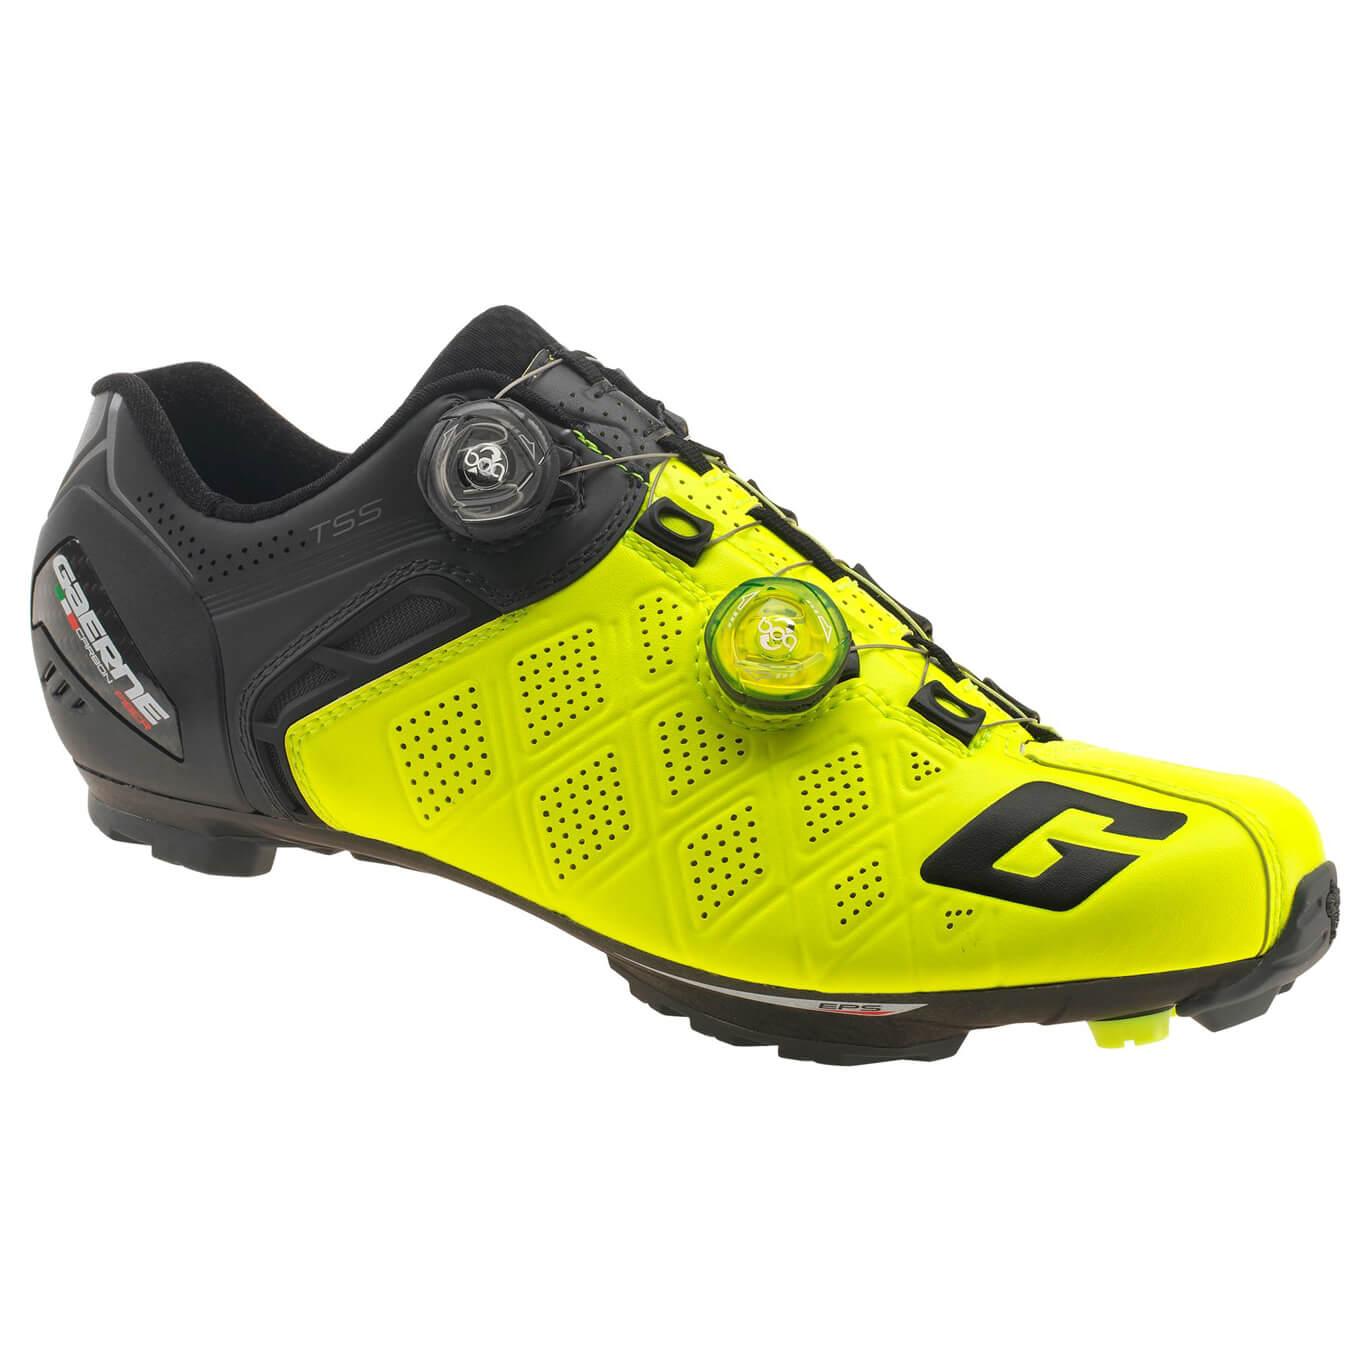 Gaerne - GSincro+ - Radschuhe Yellow